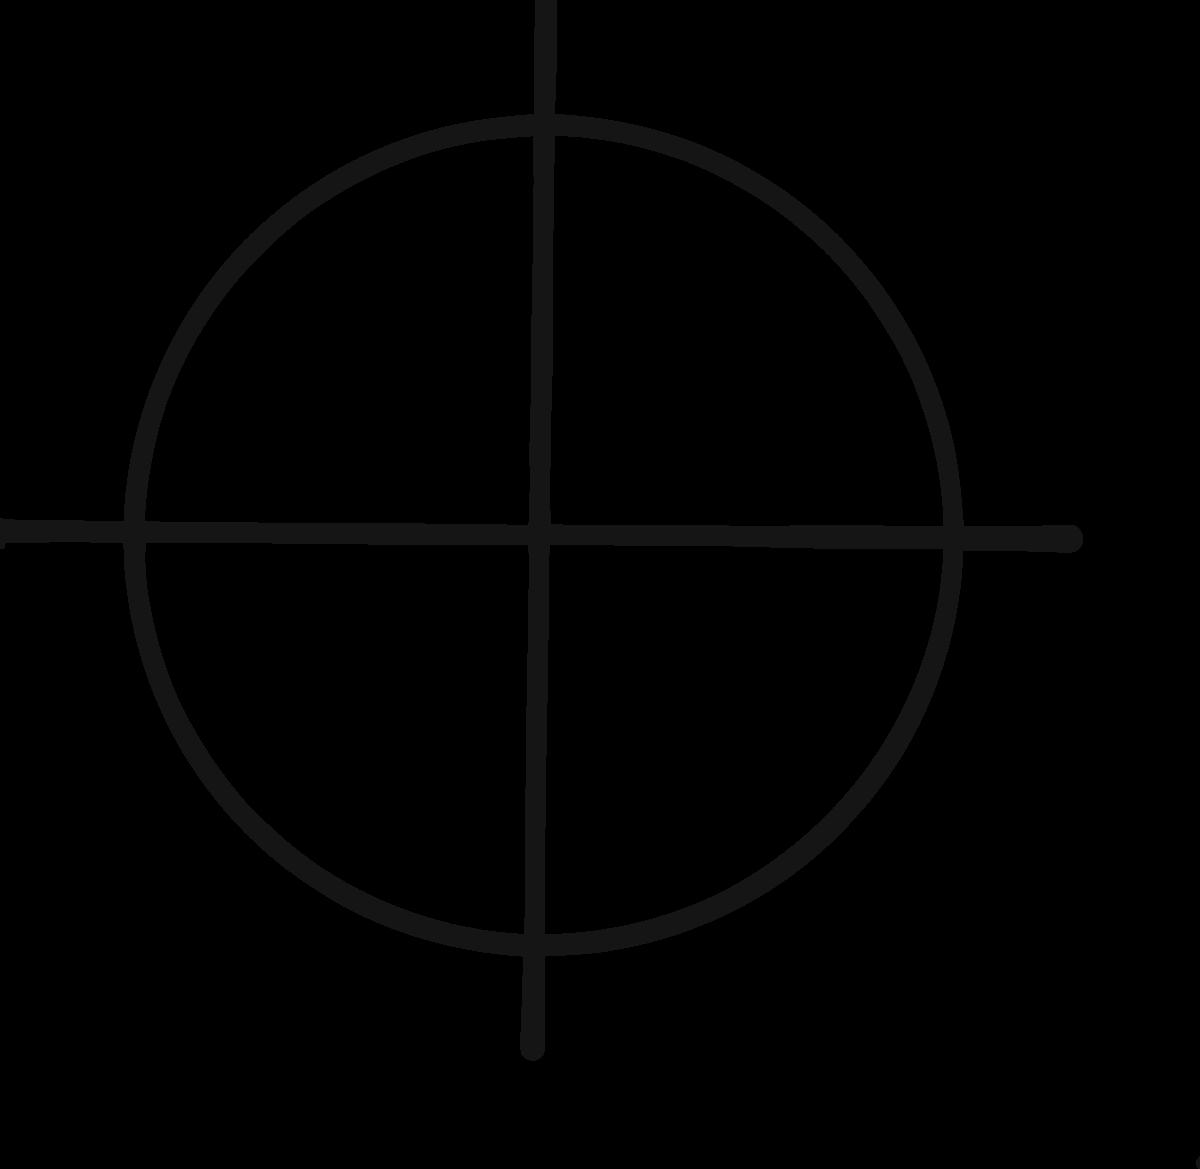 Standard mandala